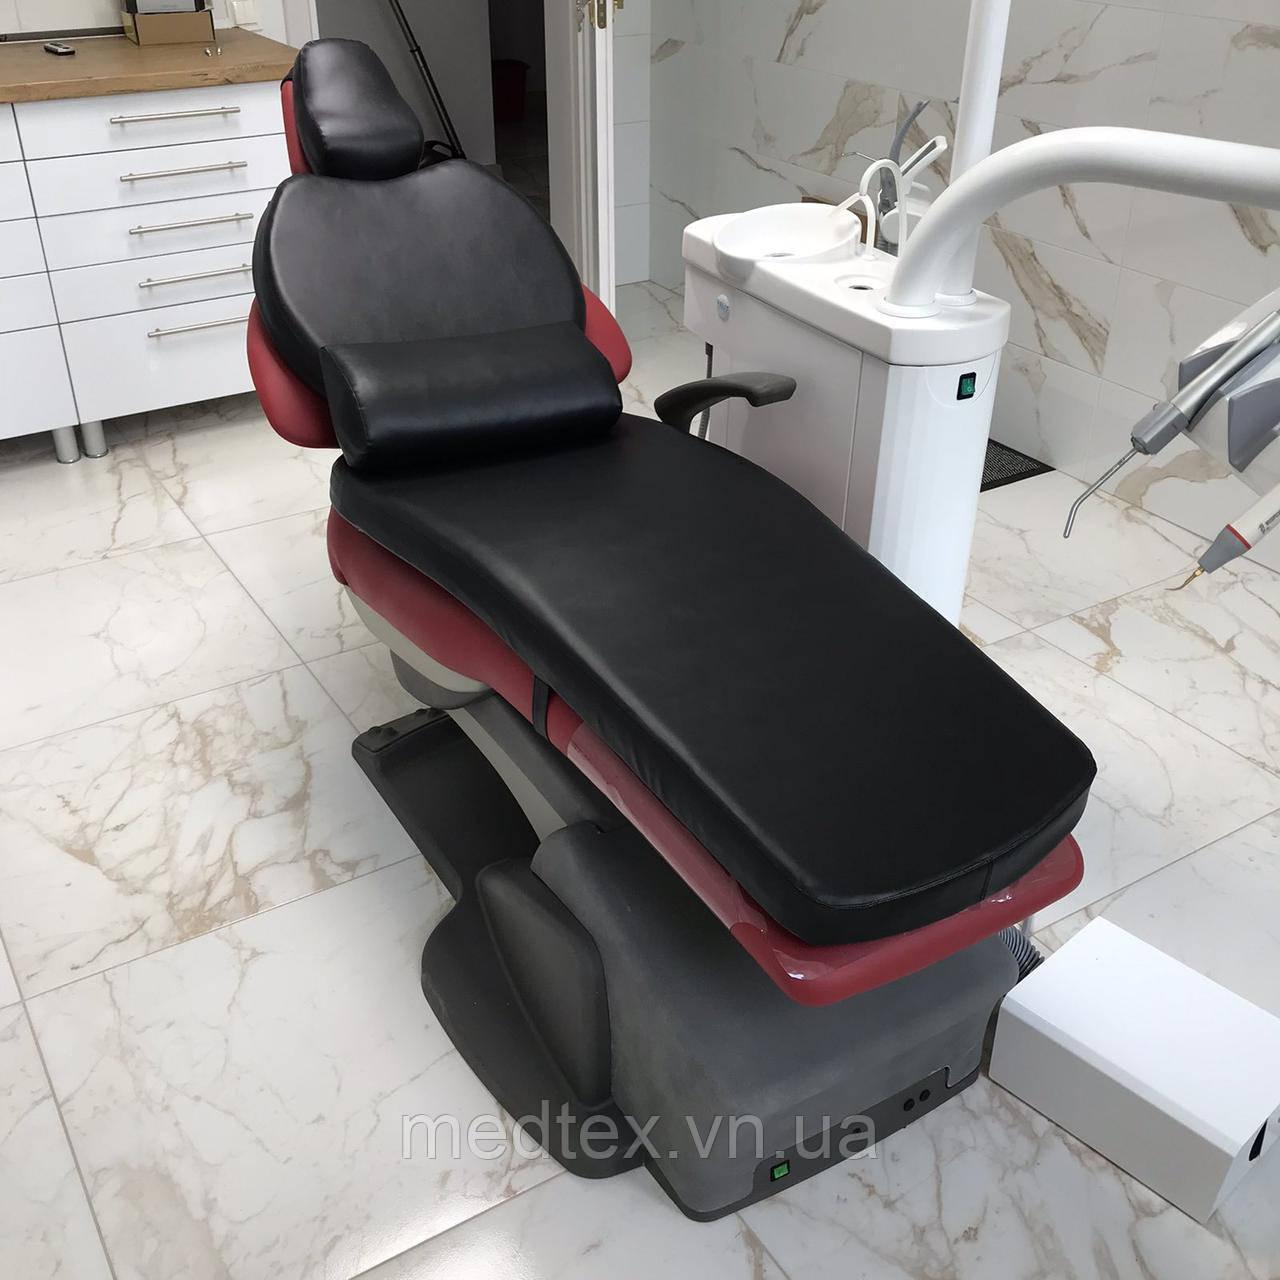 Матрас, накидка универсальная на стоматологическое кресло